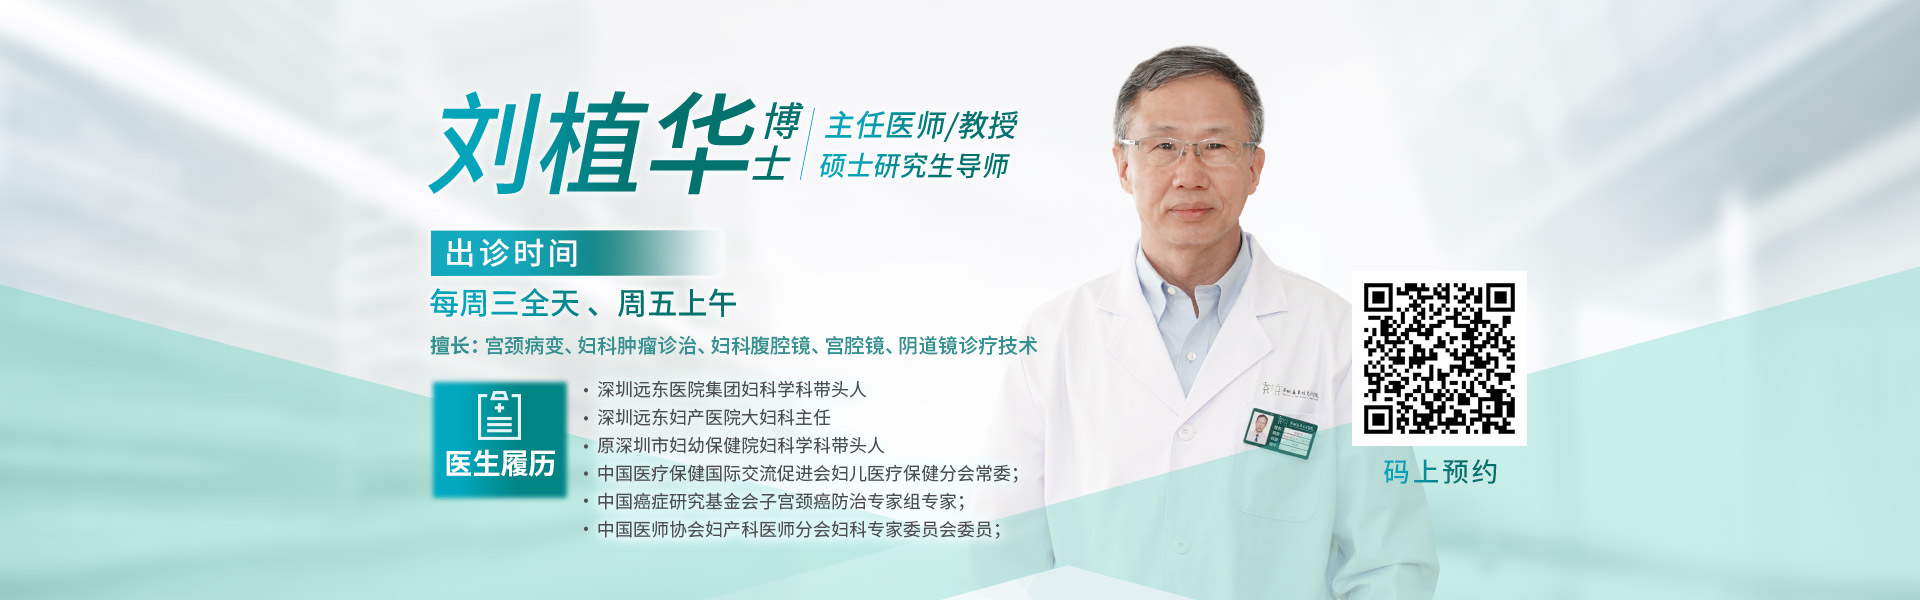 刘植华教授